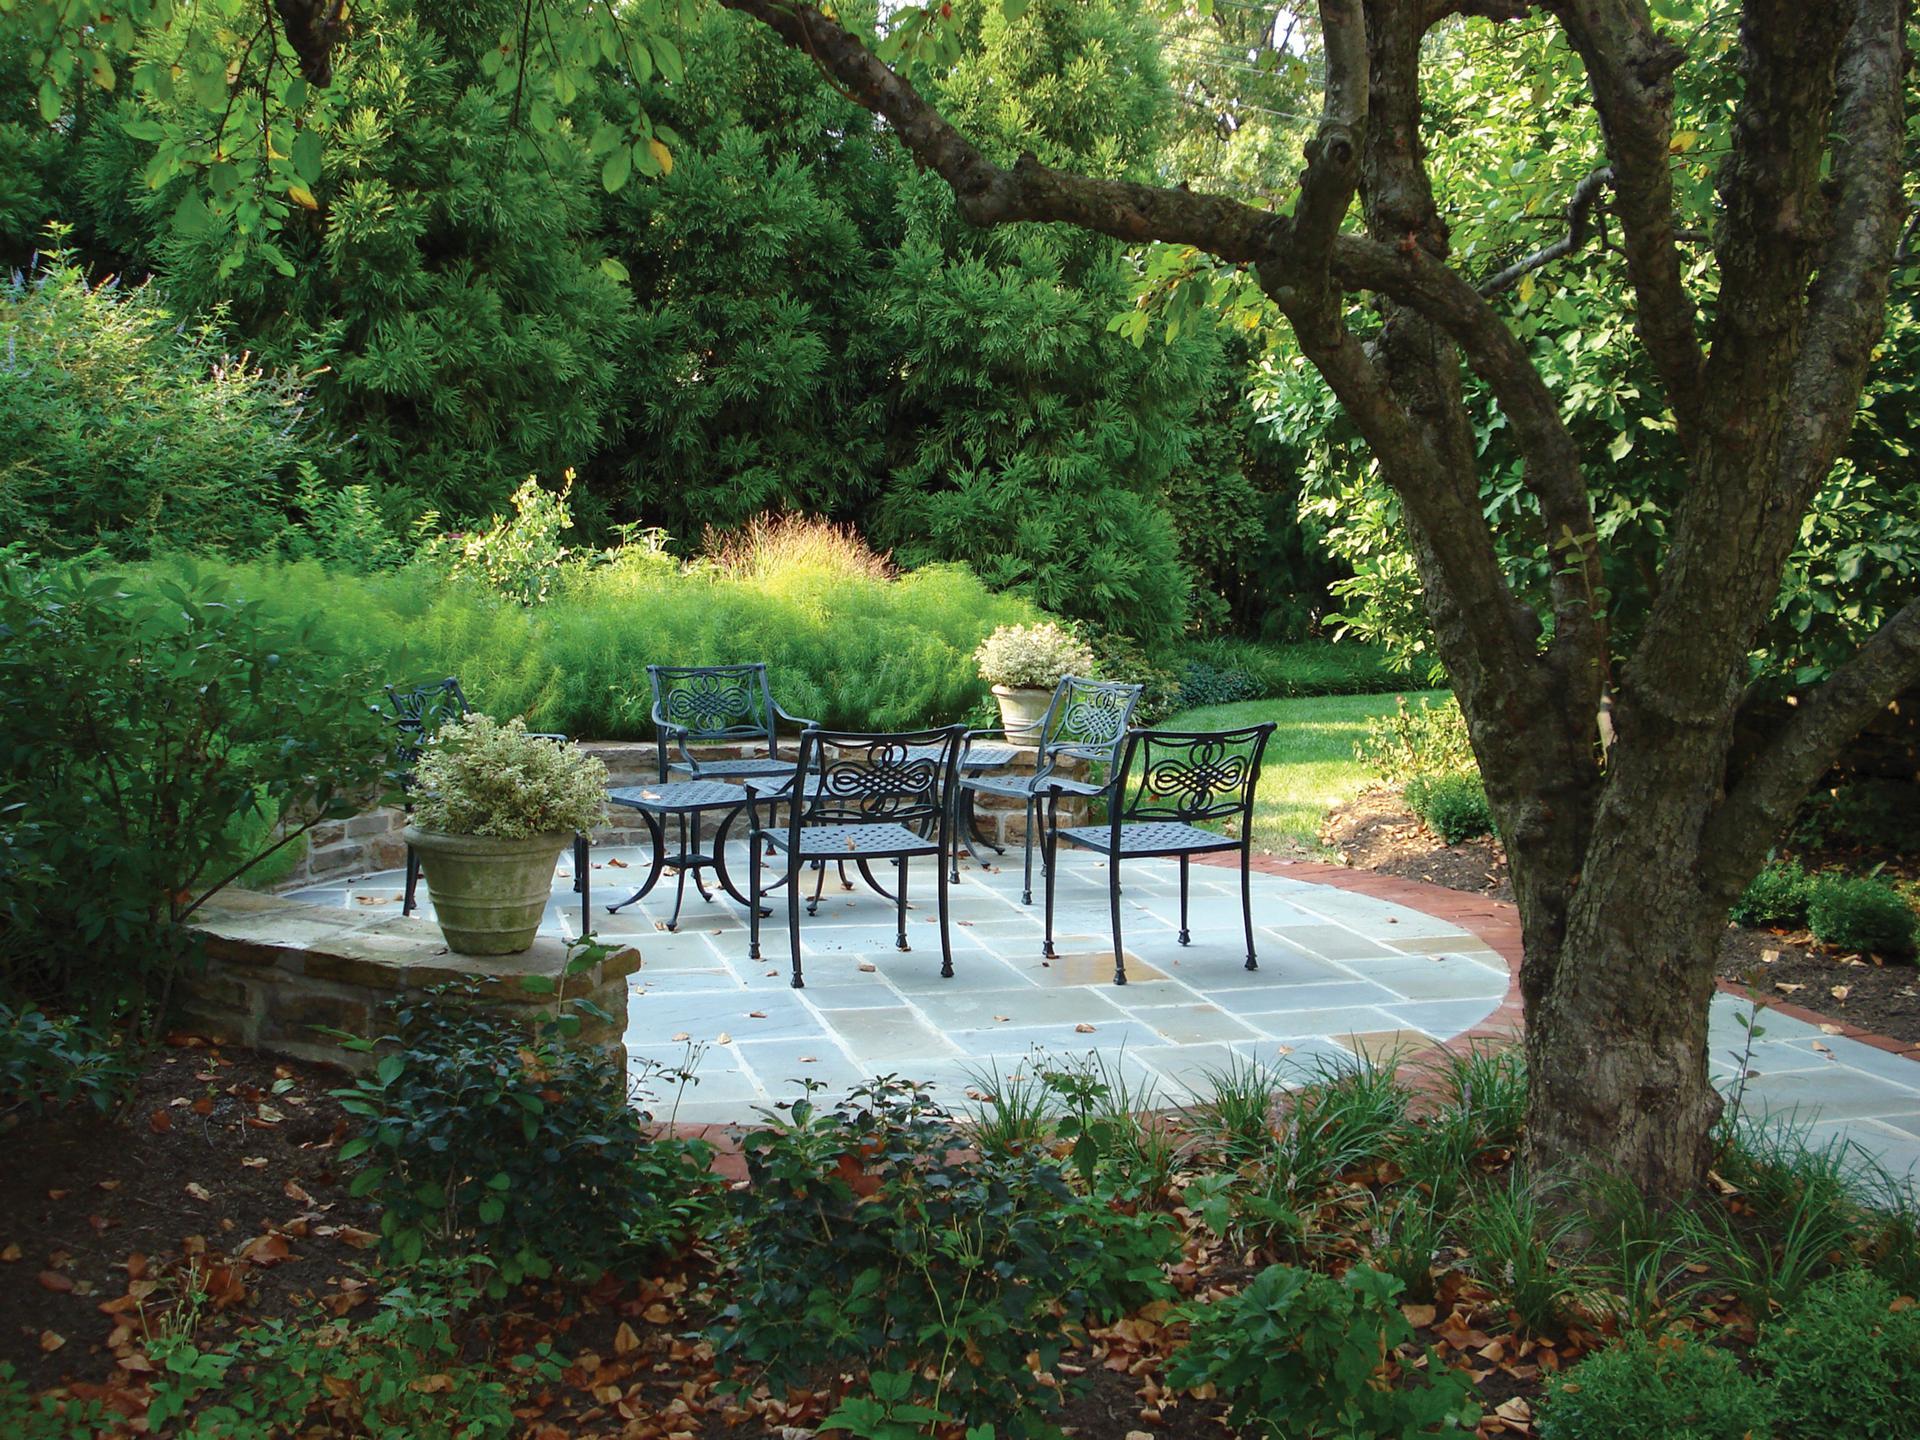 bluestone-patio-chester-county-landscape-design